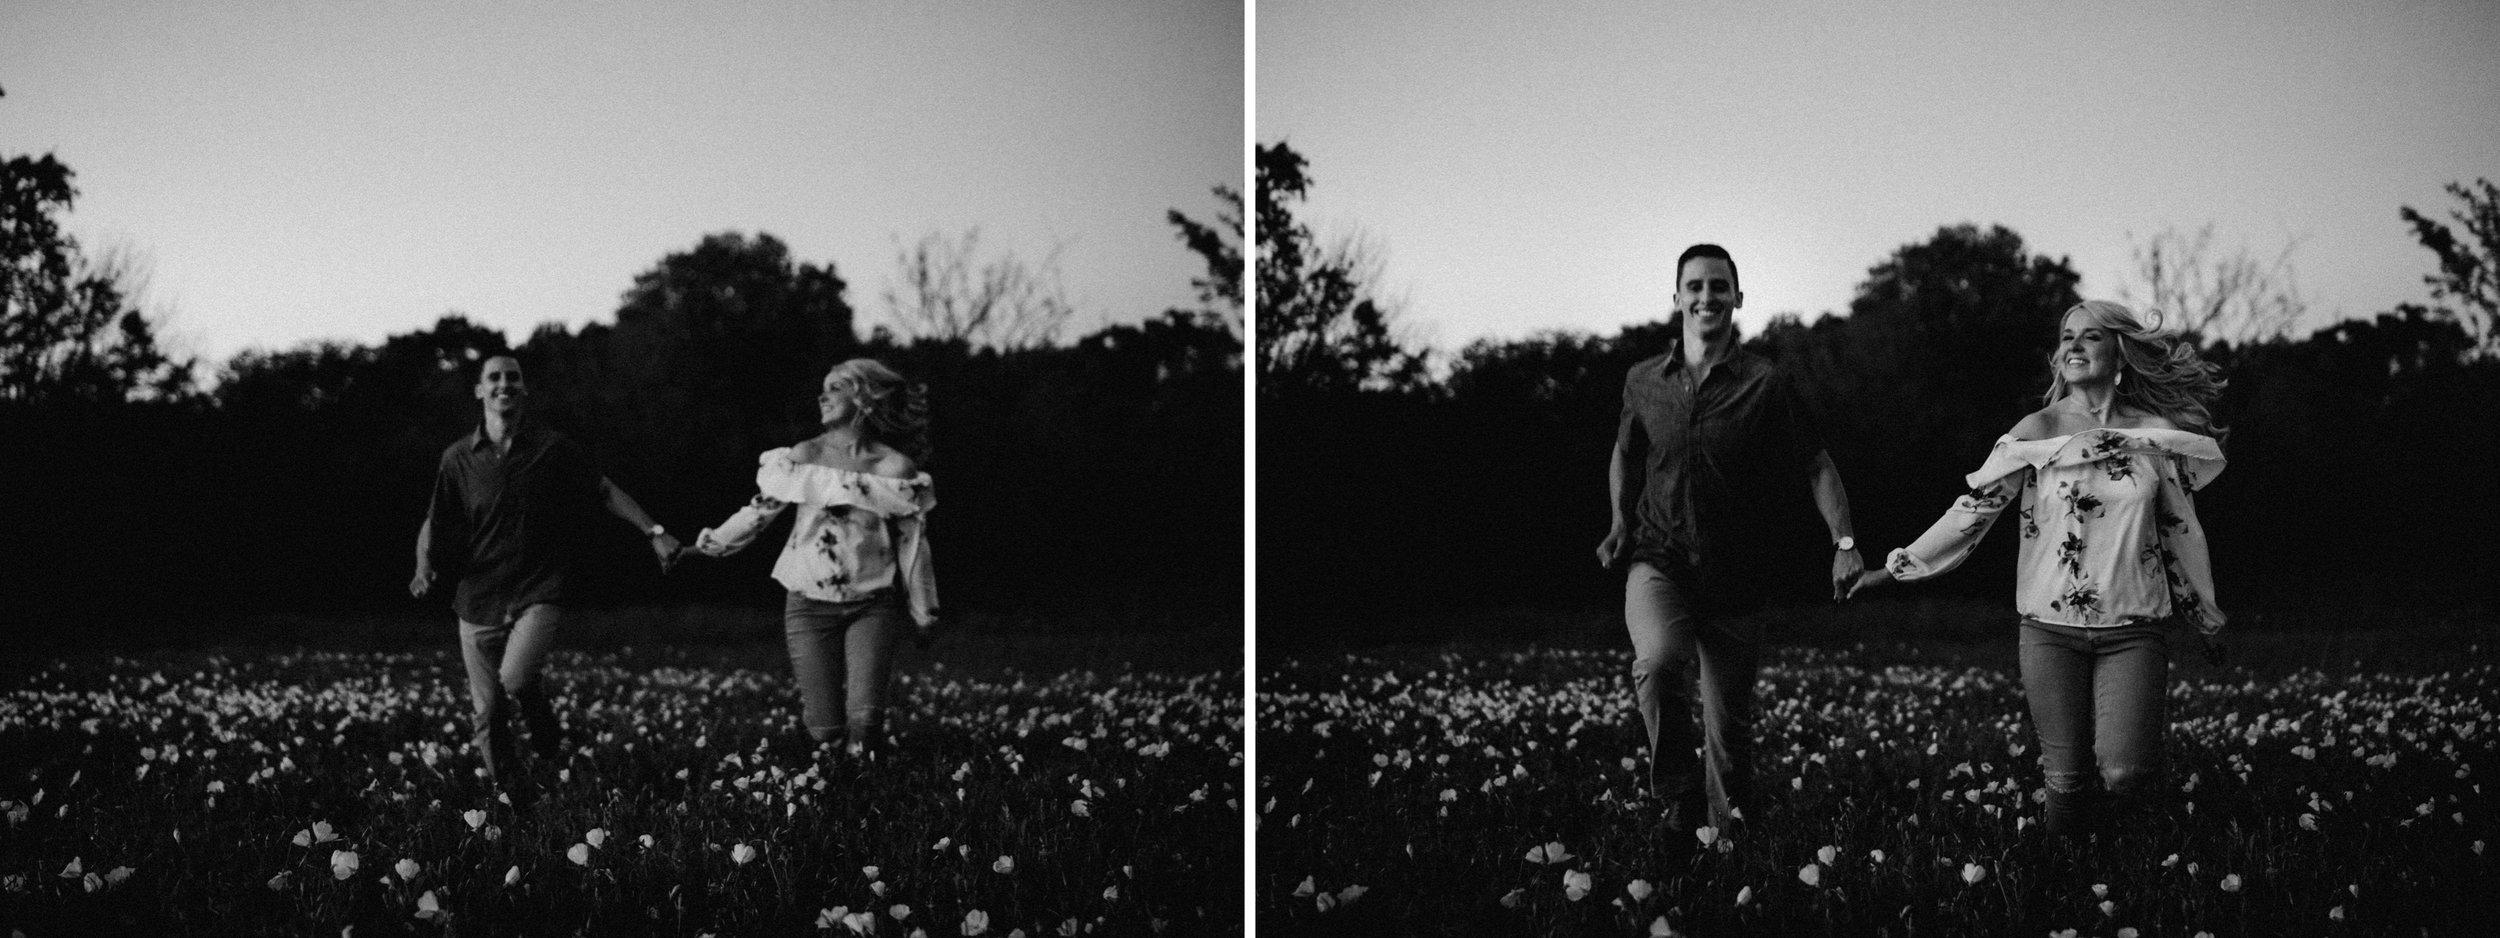 running through wildflowers.jpg